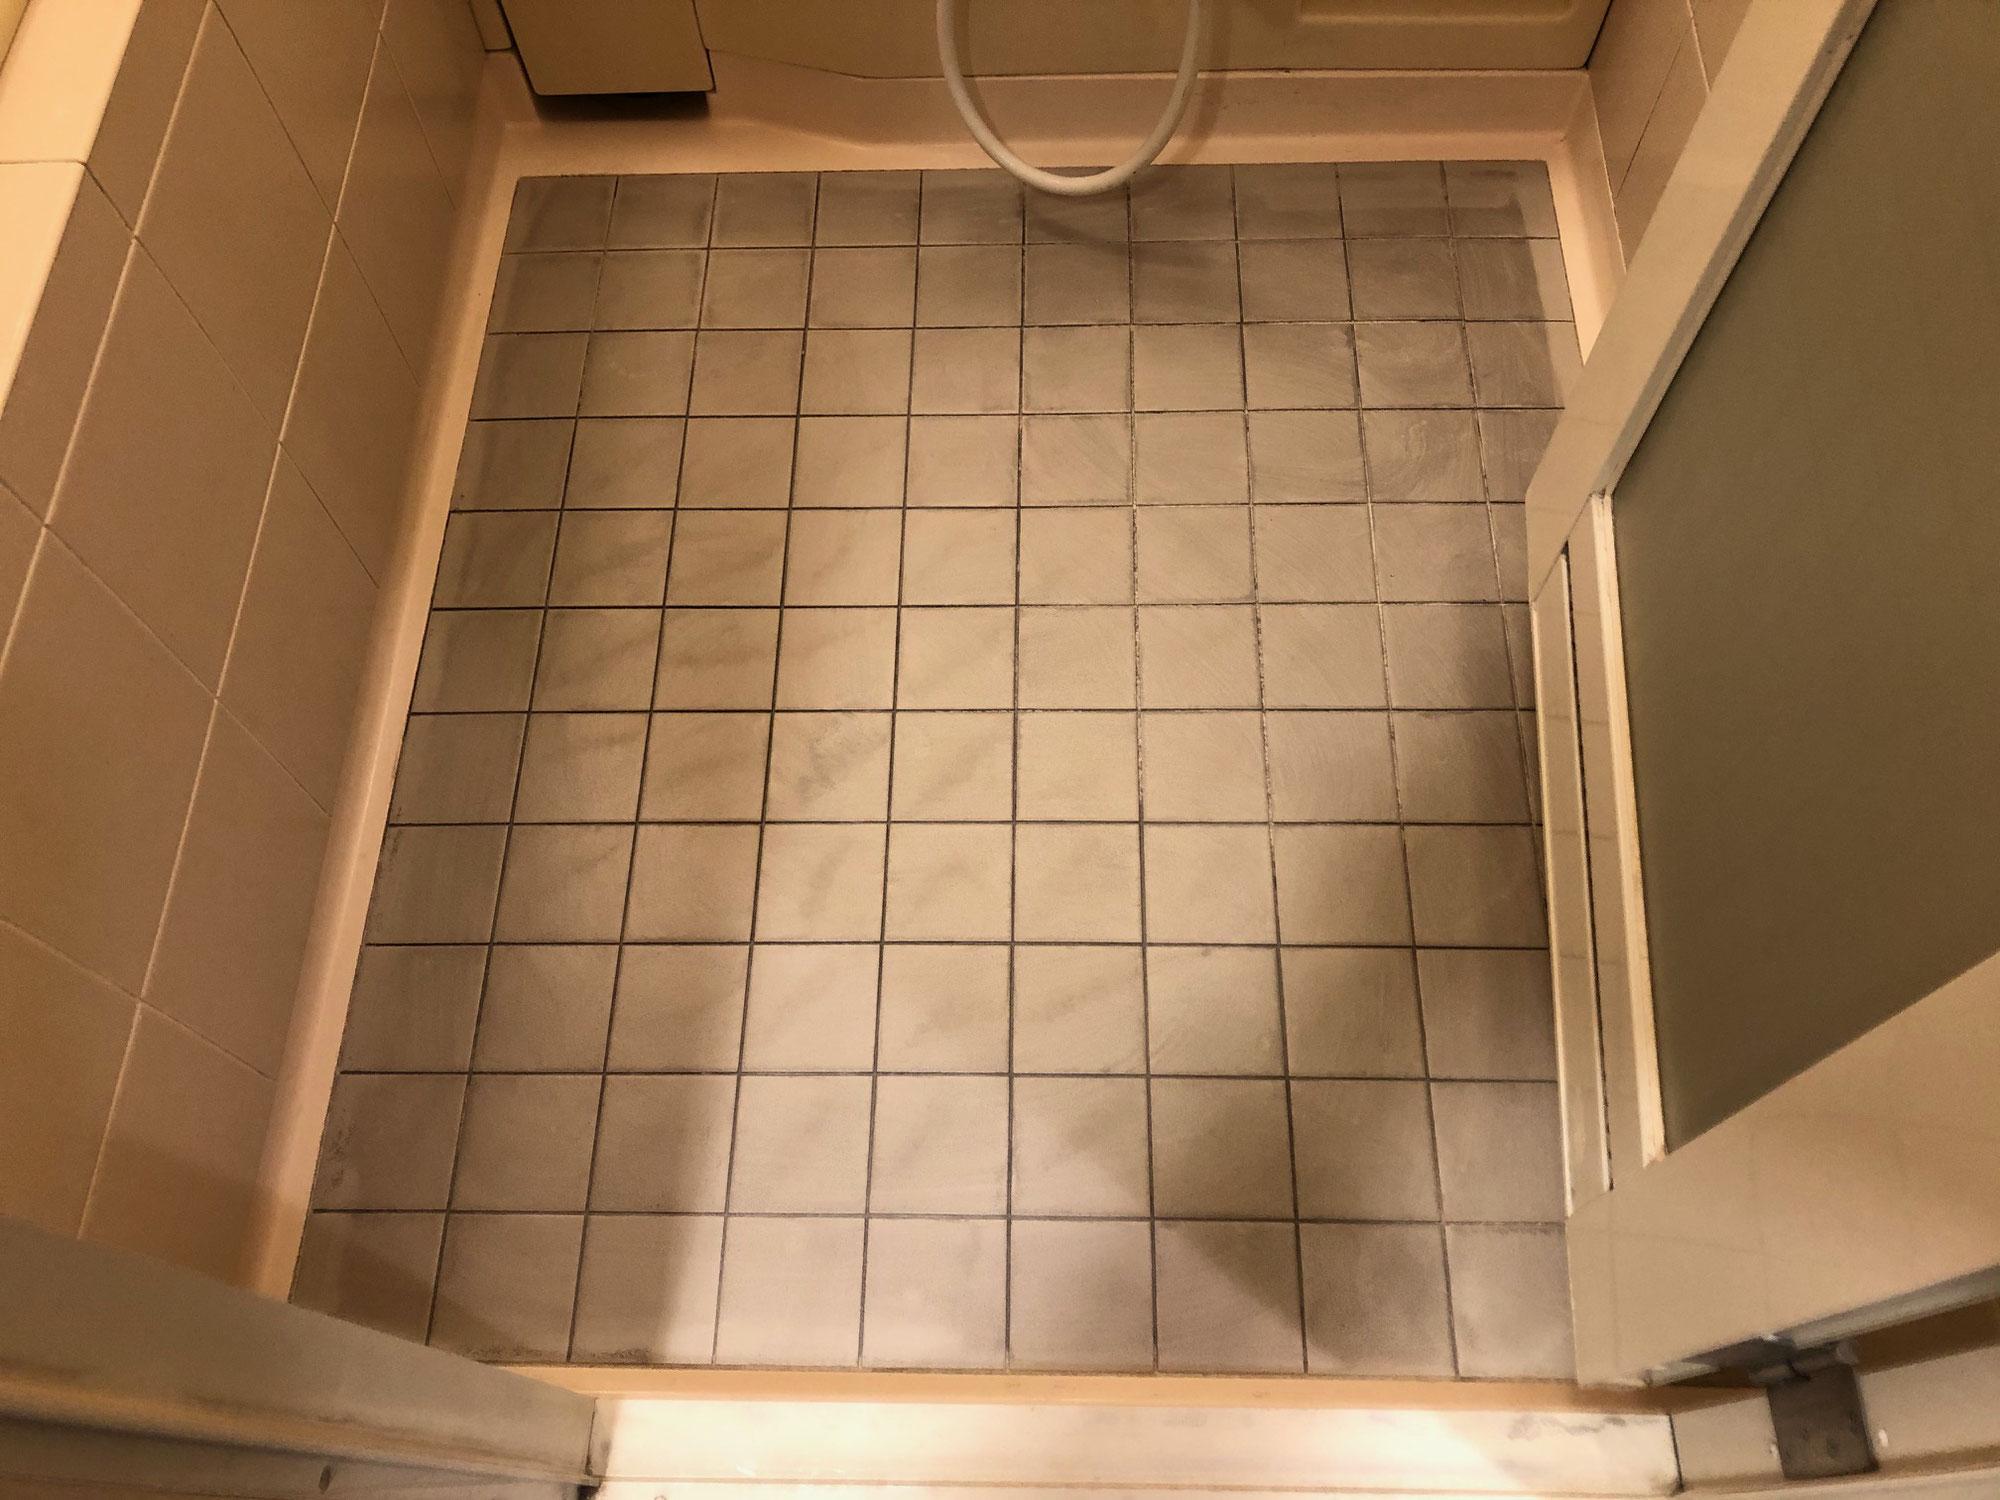 分譲マンション ユニットバス洗い場浴室用シート貼り 愛媛県新居浜市徳常町